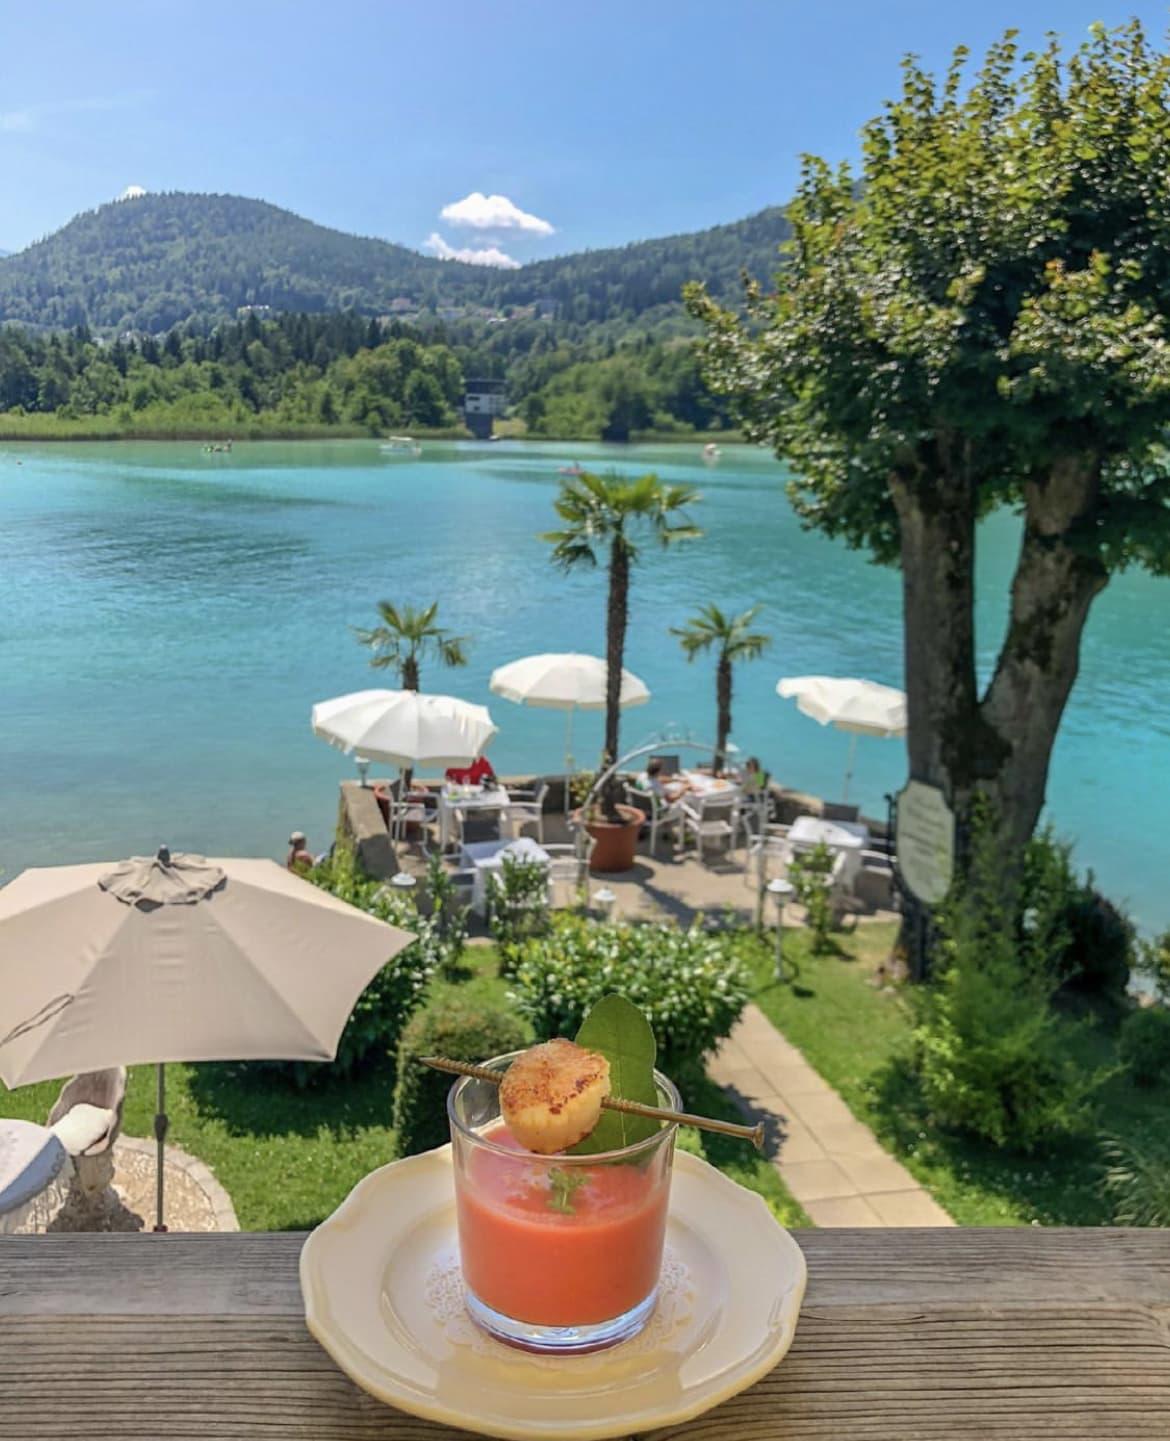 ein Blick auf die Seeterrasse im Restaurant Maria Loretto im Schloss Loretto in Klagenfurt am Wörthersee, Essen mit Seeblick